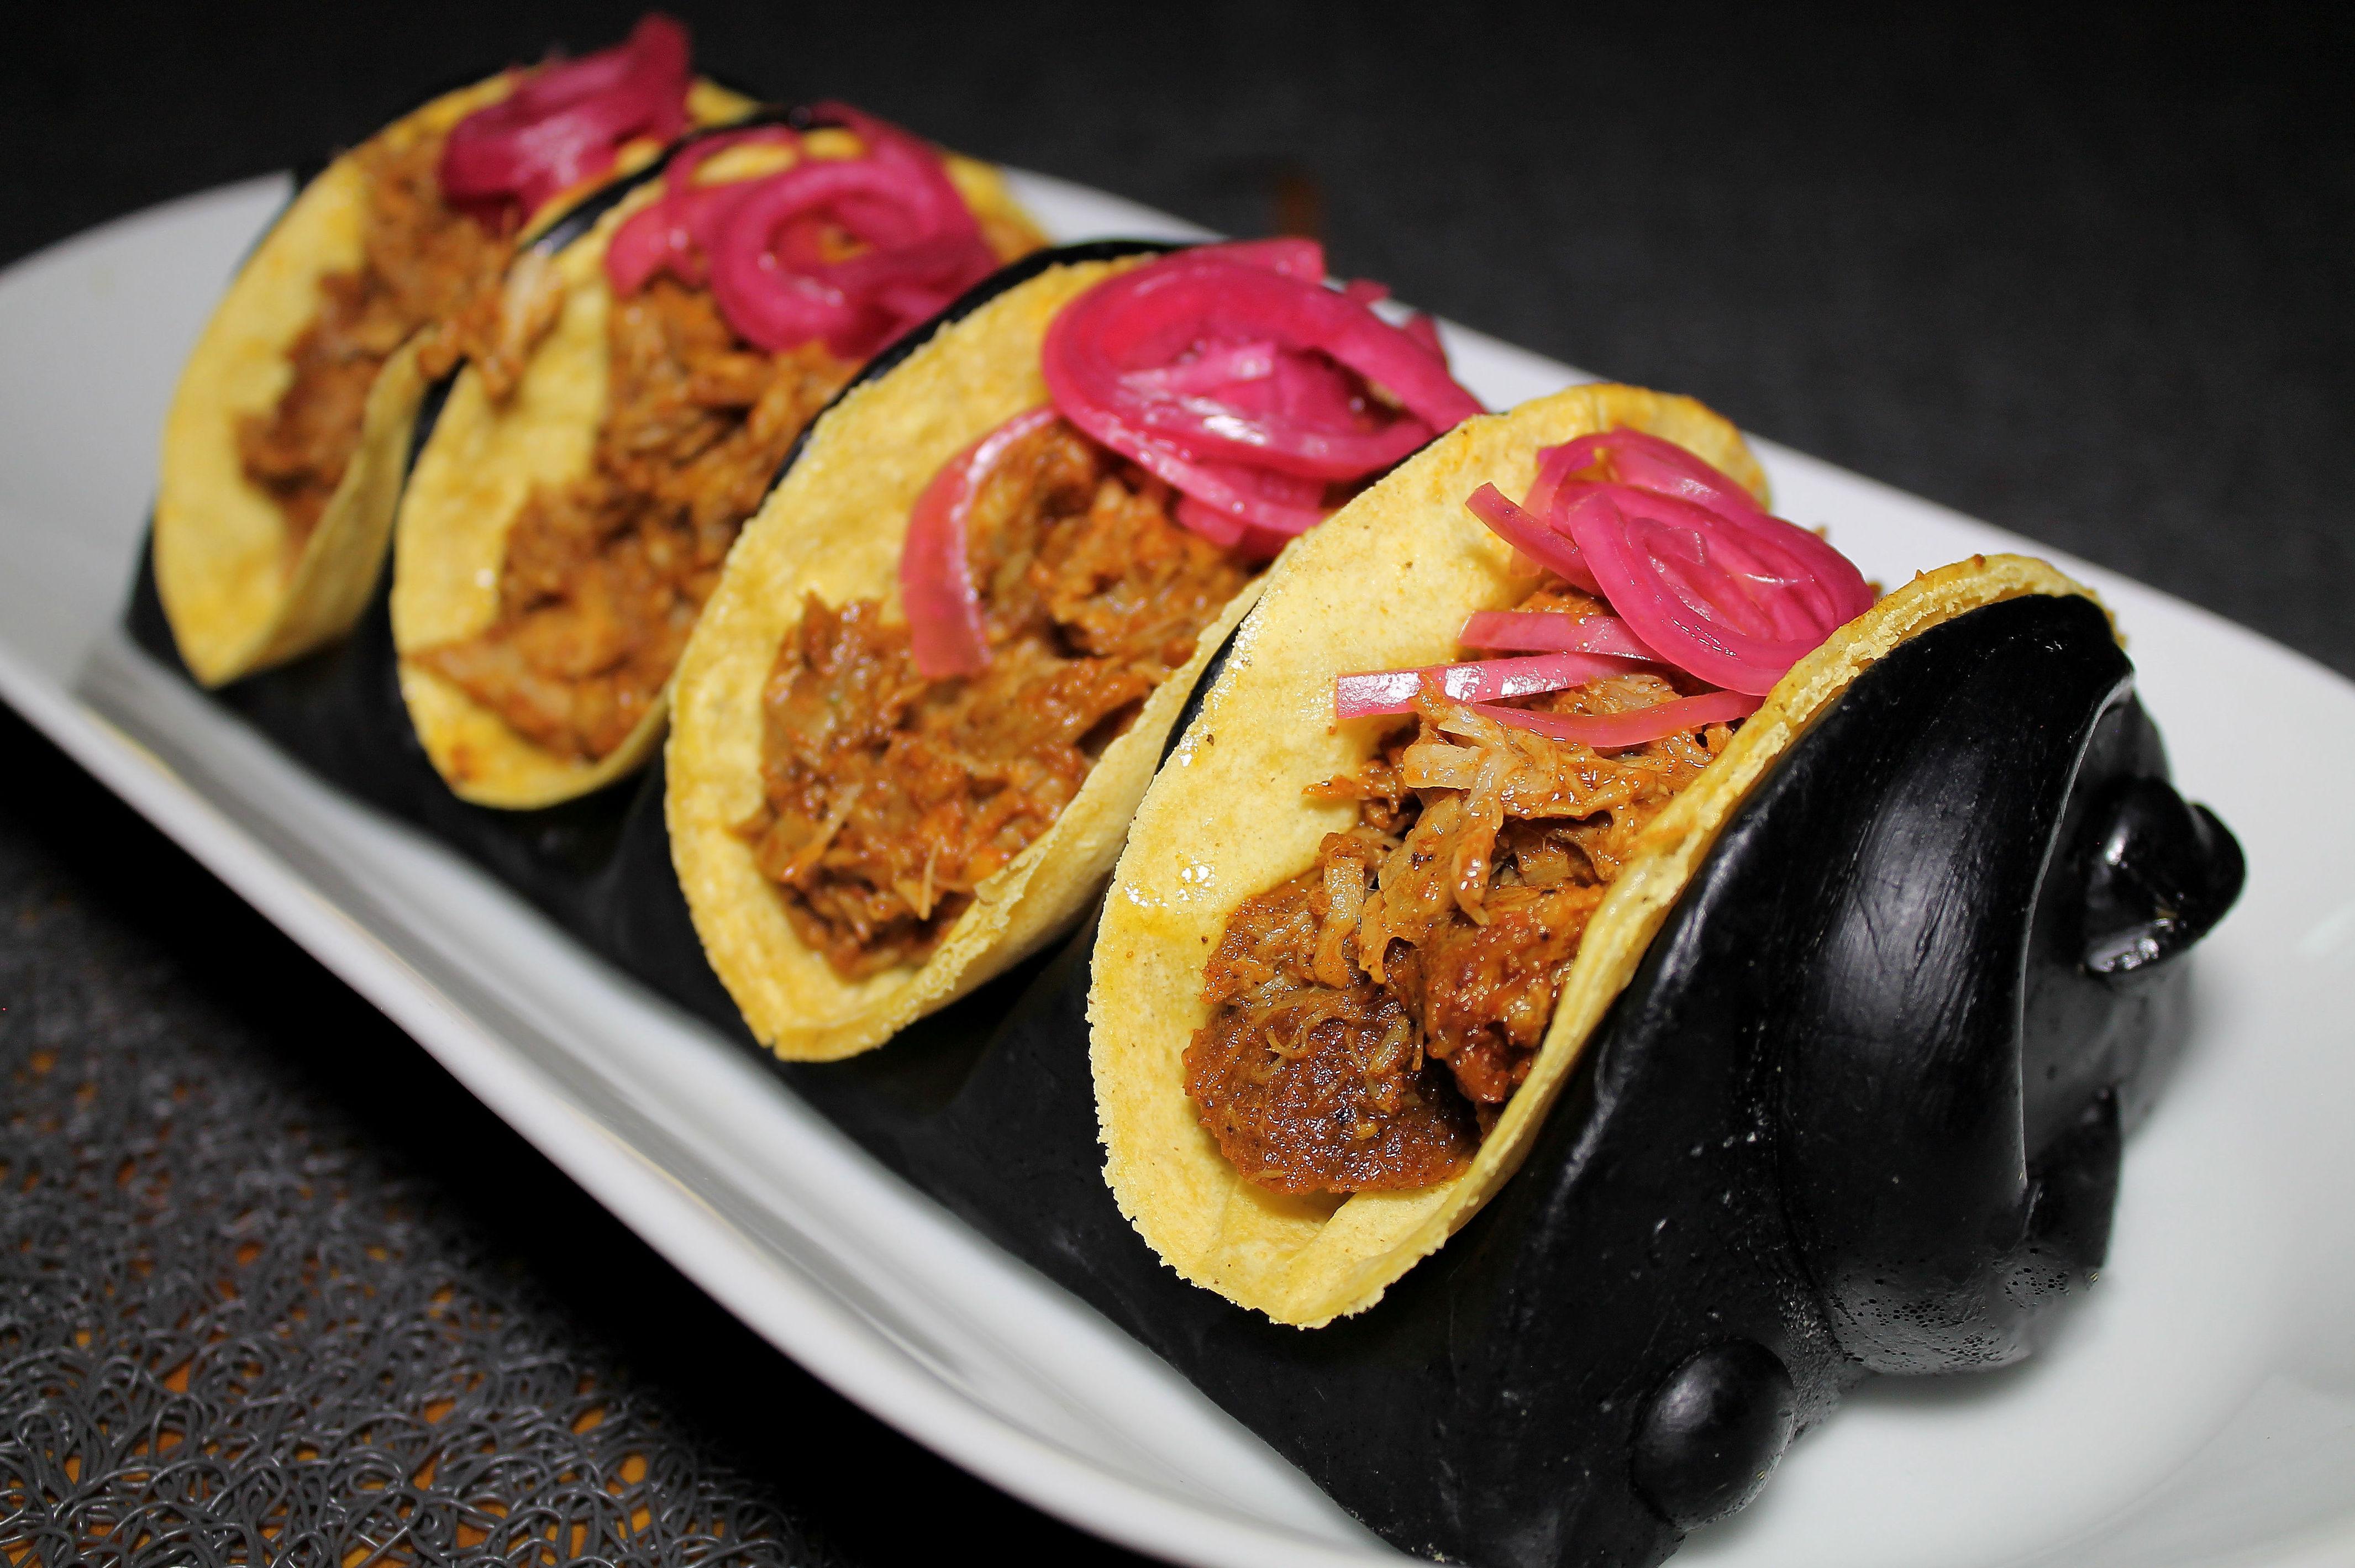 Todos los ingredientes de nuestros tacos se elaboran en la cocina diariamente